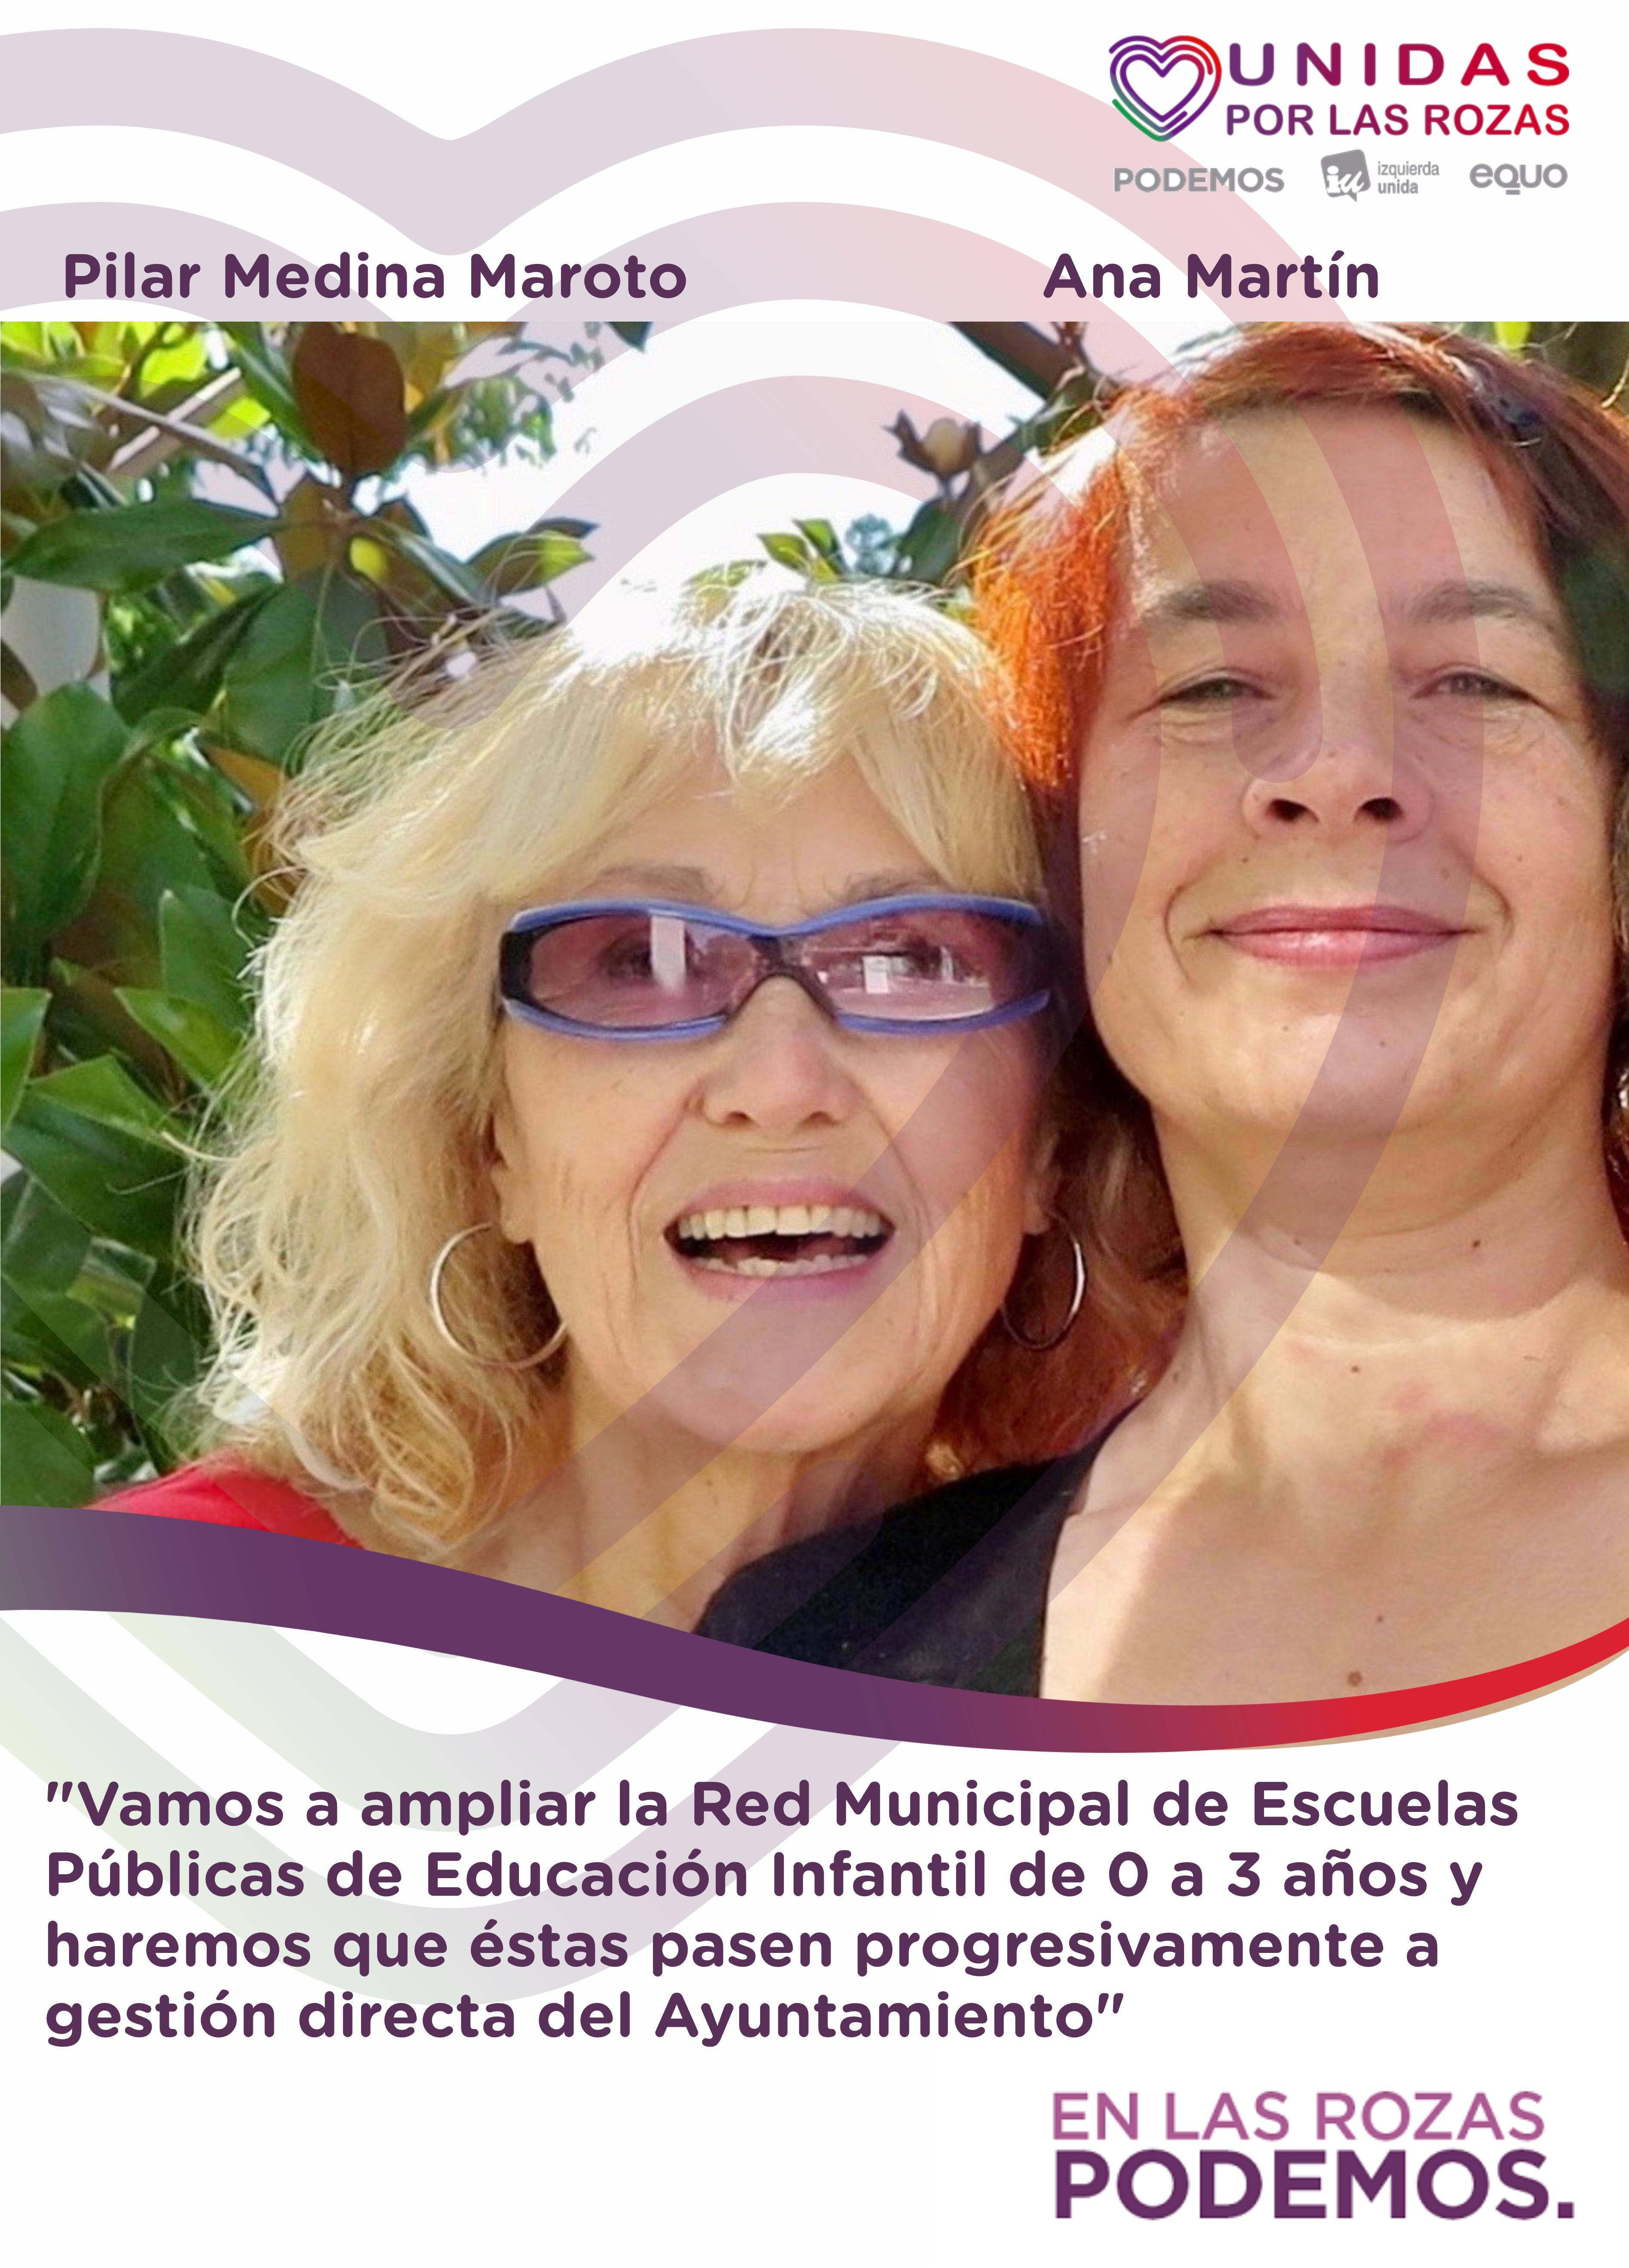 Pilar_Ana_Escuelas_infantiles_UPLR_Podemos_rozas